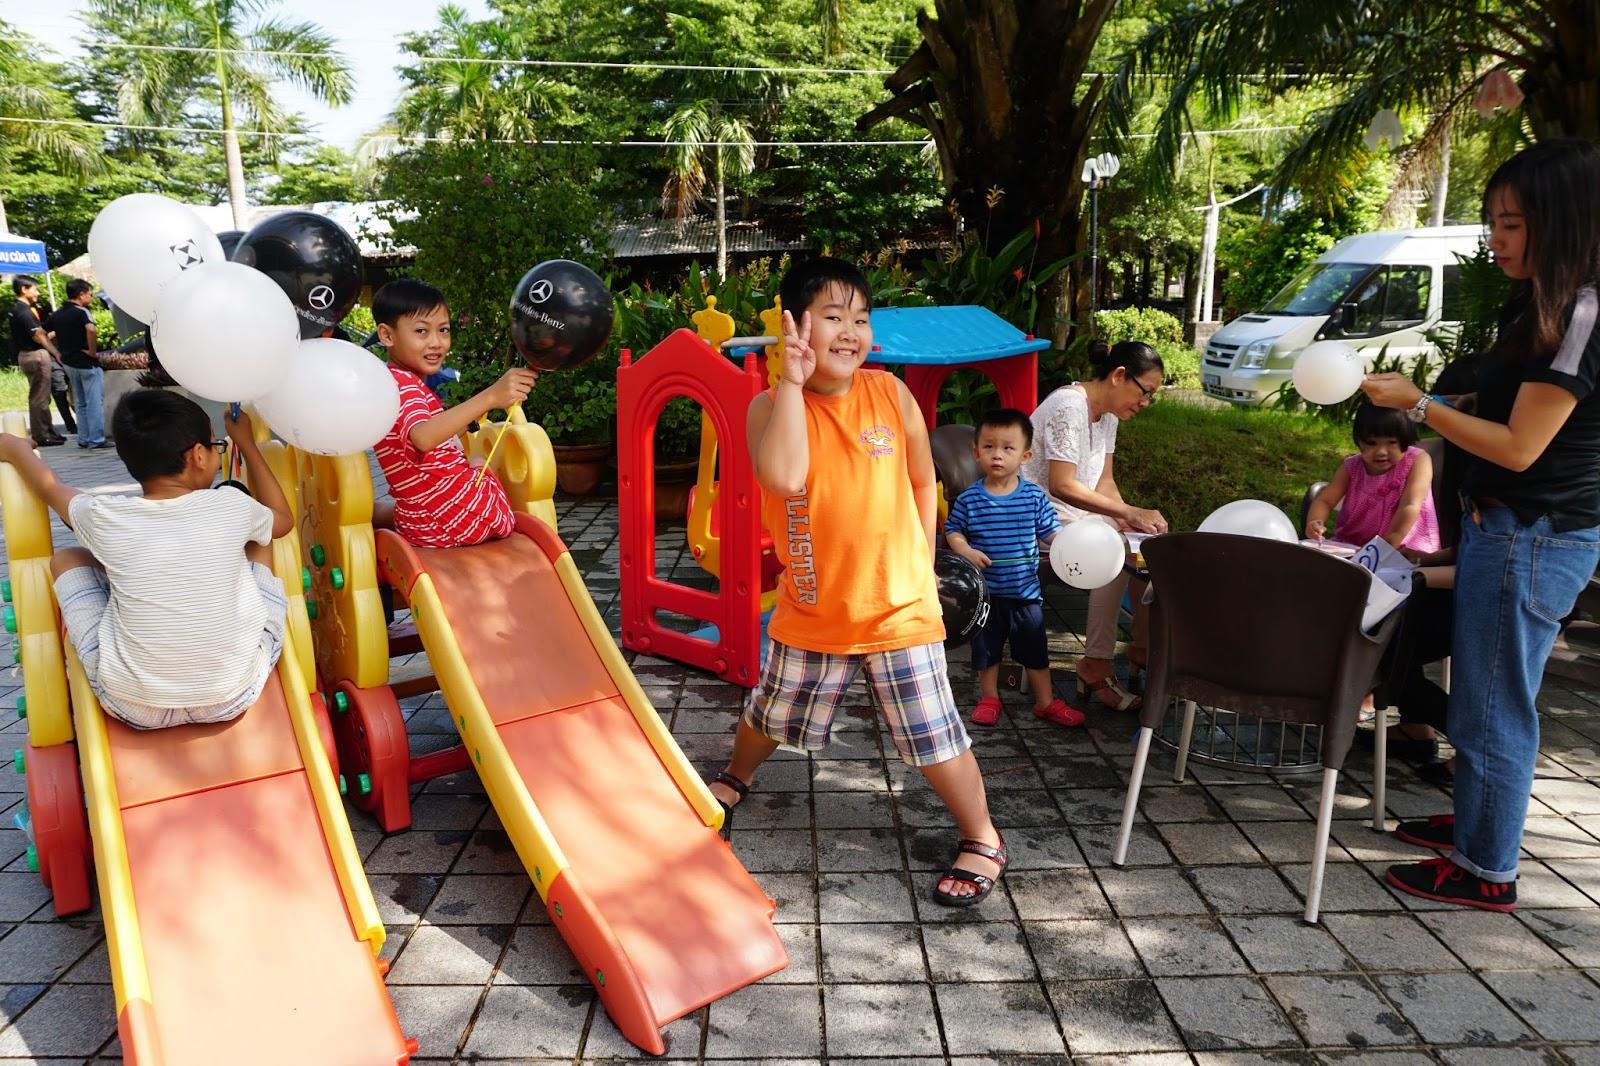 Khu vui chơi có ván trượt, xích đu, tô màu...cho trẻ em